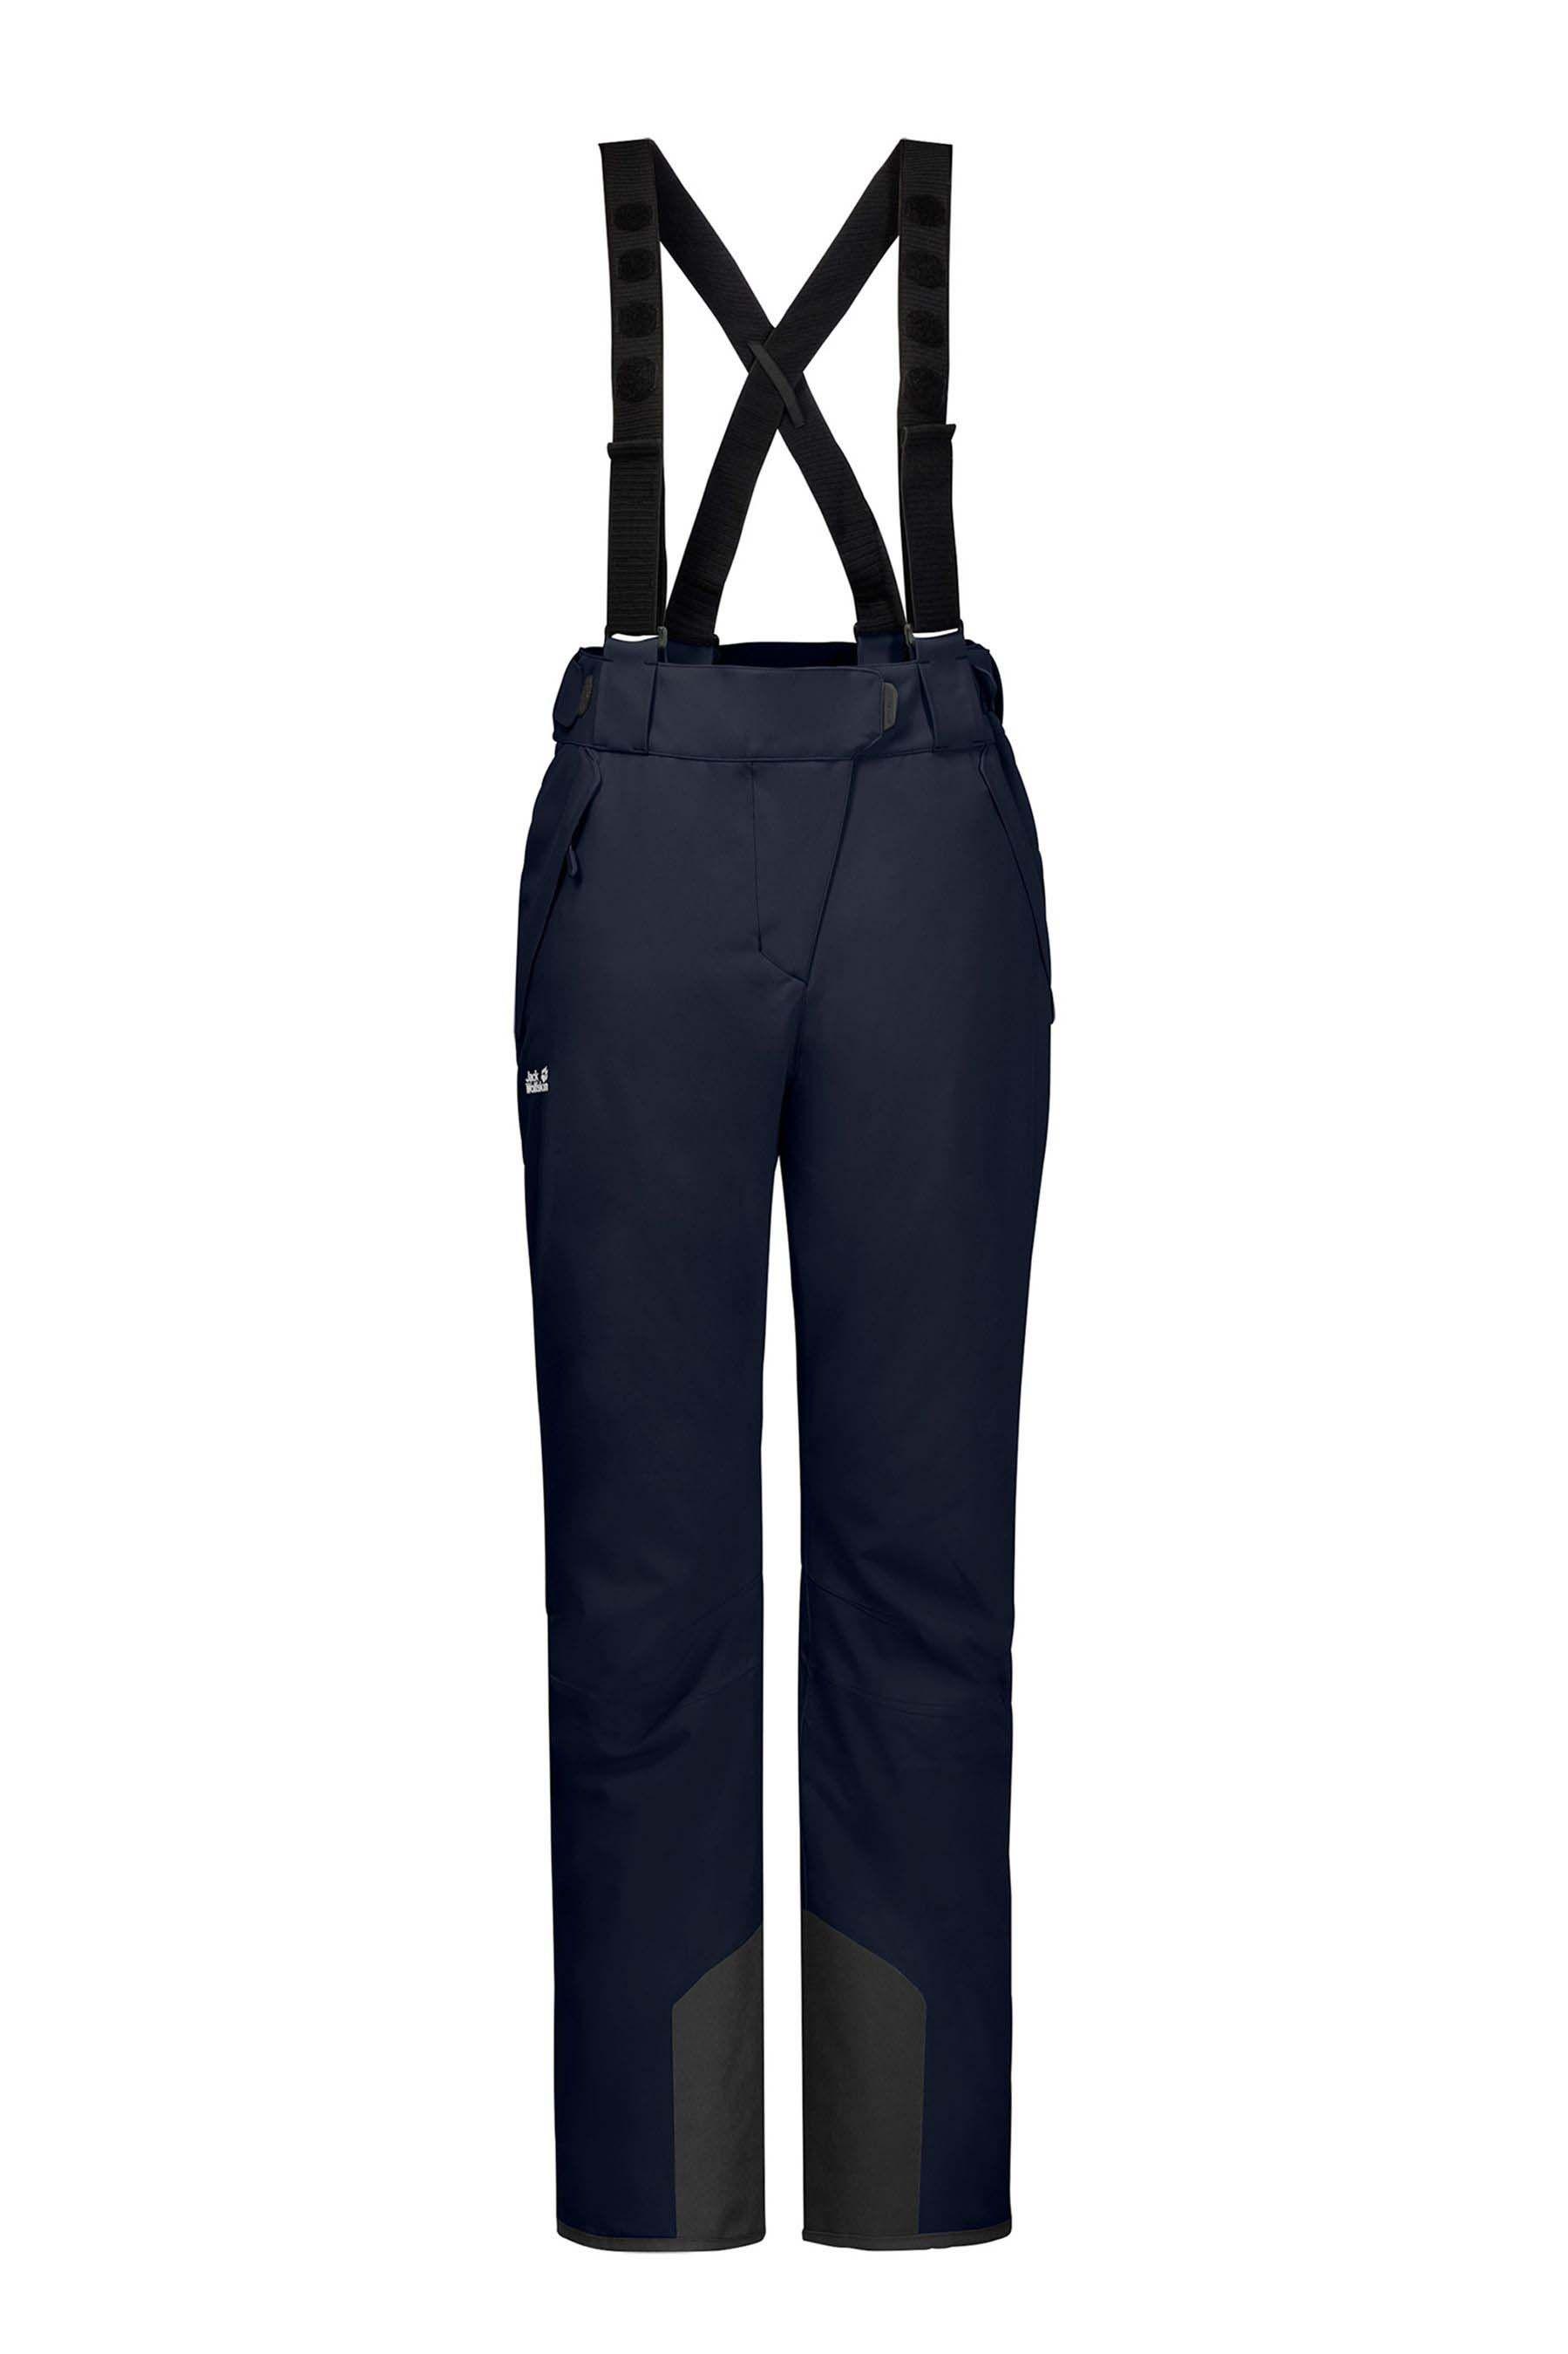 Womens Pant Jack BlueProducts Wolfskin Exolite Pants drhQCsxt